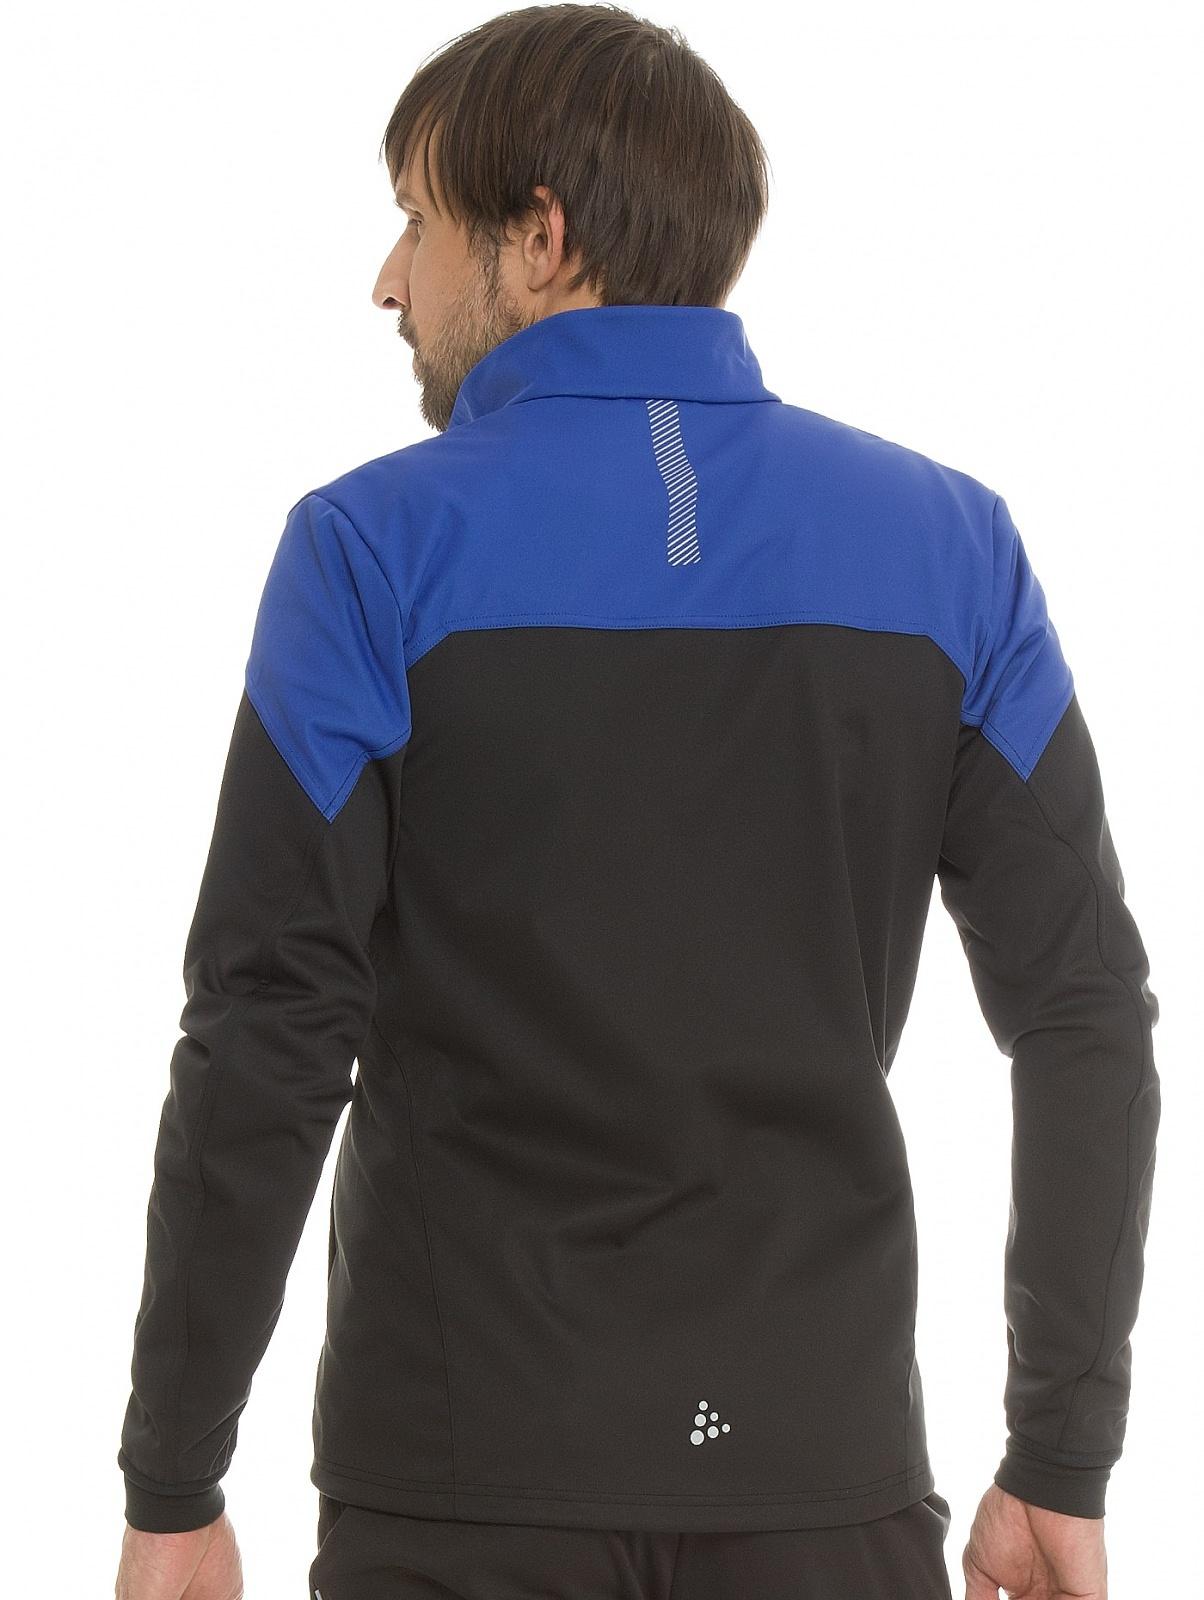 Мужская лыжная куртка Craft Voyage XC (1903581-2344) черный/синий фото